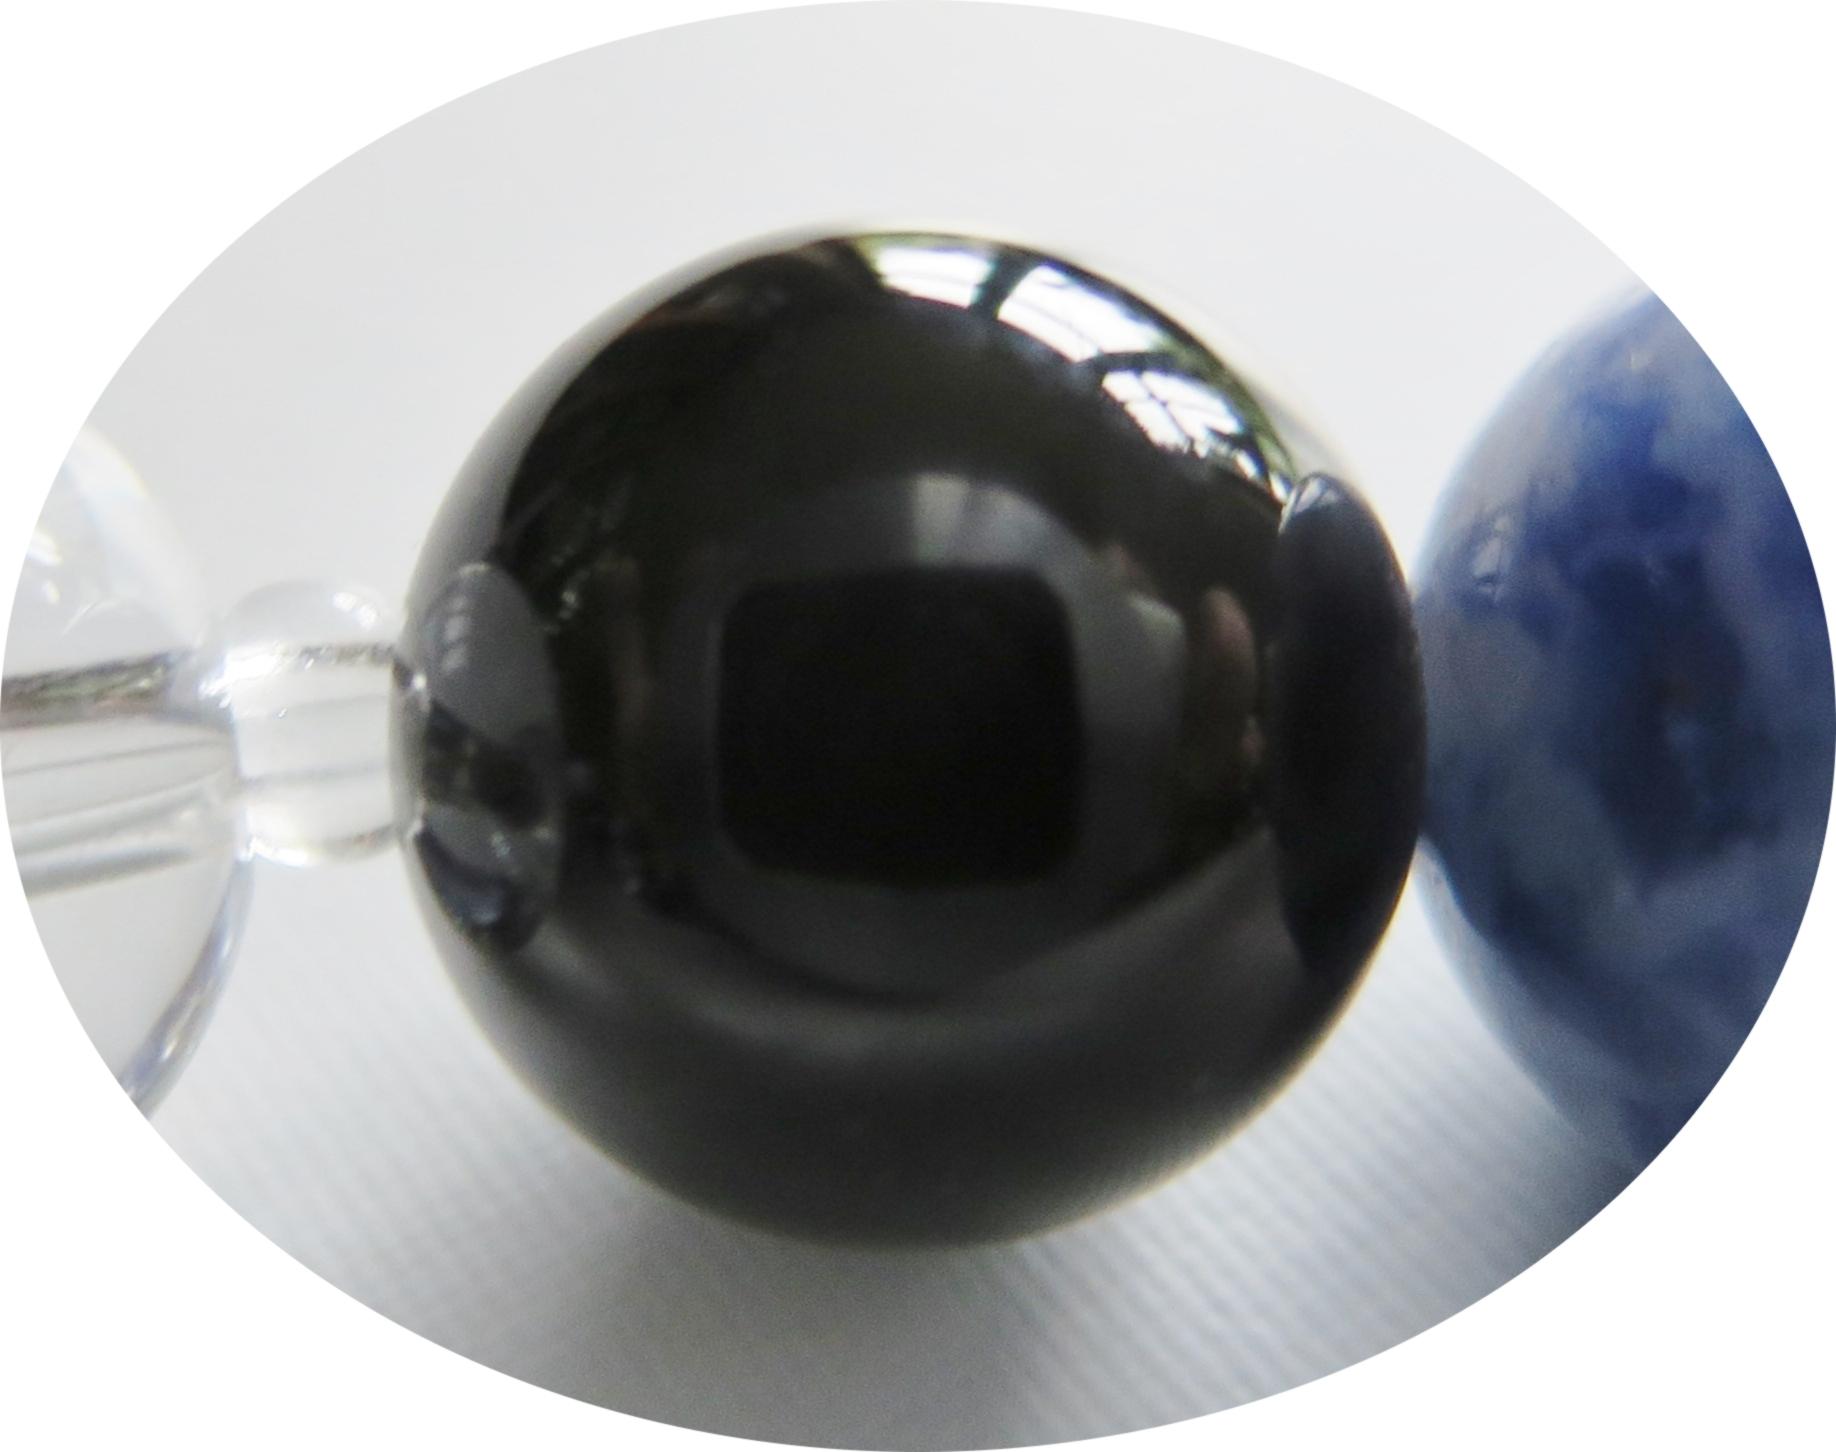 Schwarzer Onyx – Wirkung